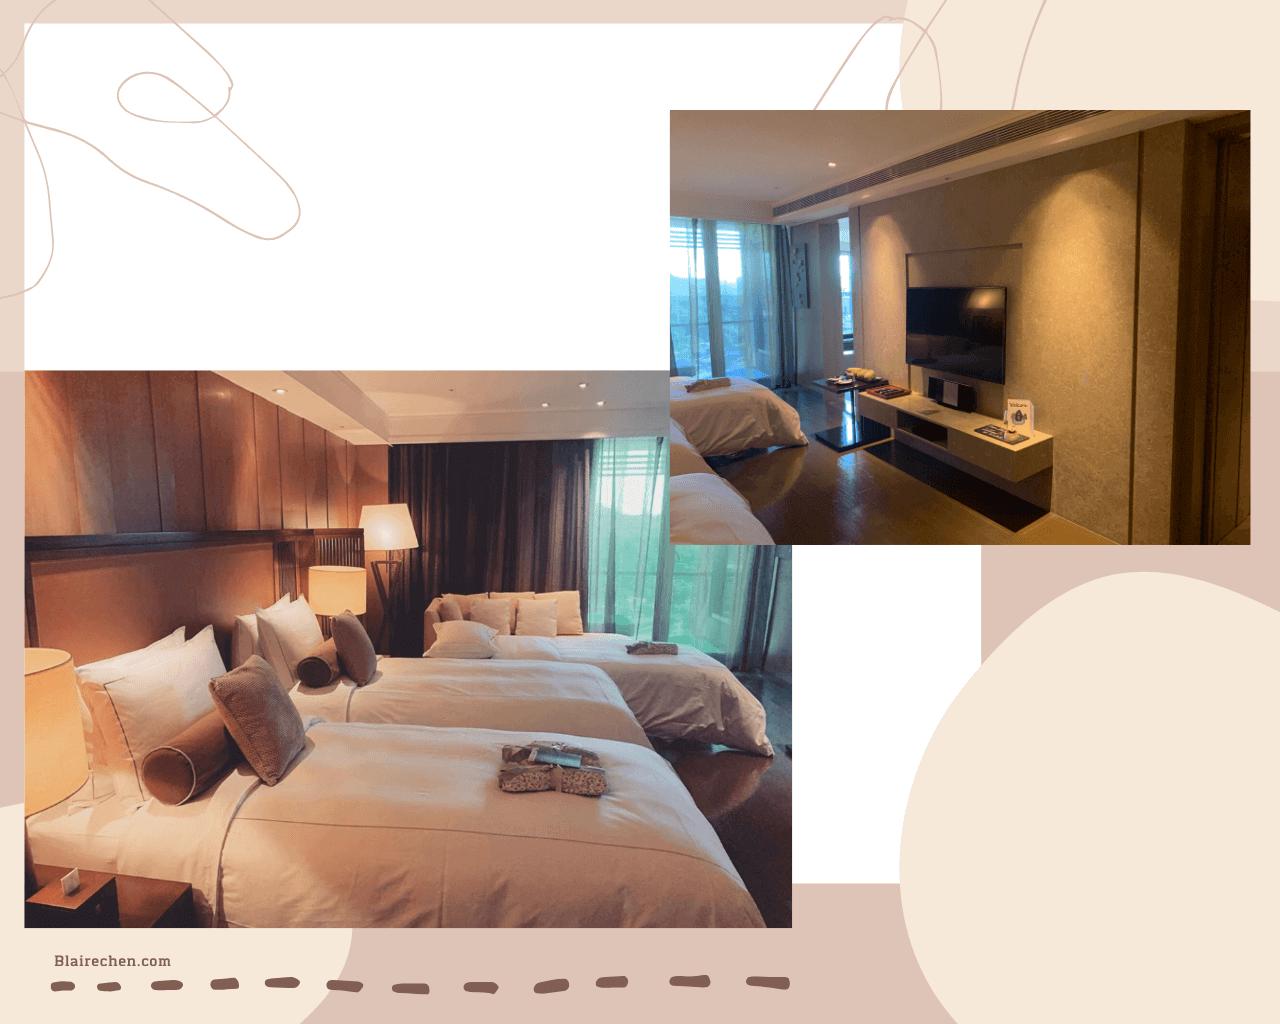 【北投麗禧溫泉酒店】|超人氣泡湯溫泉飯店!一泊二食輕旅行首選,激推日式空間,幸福超有感。